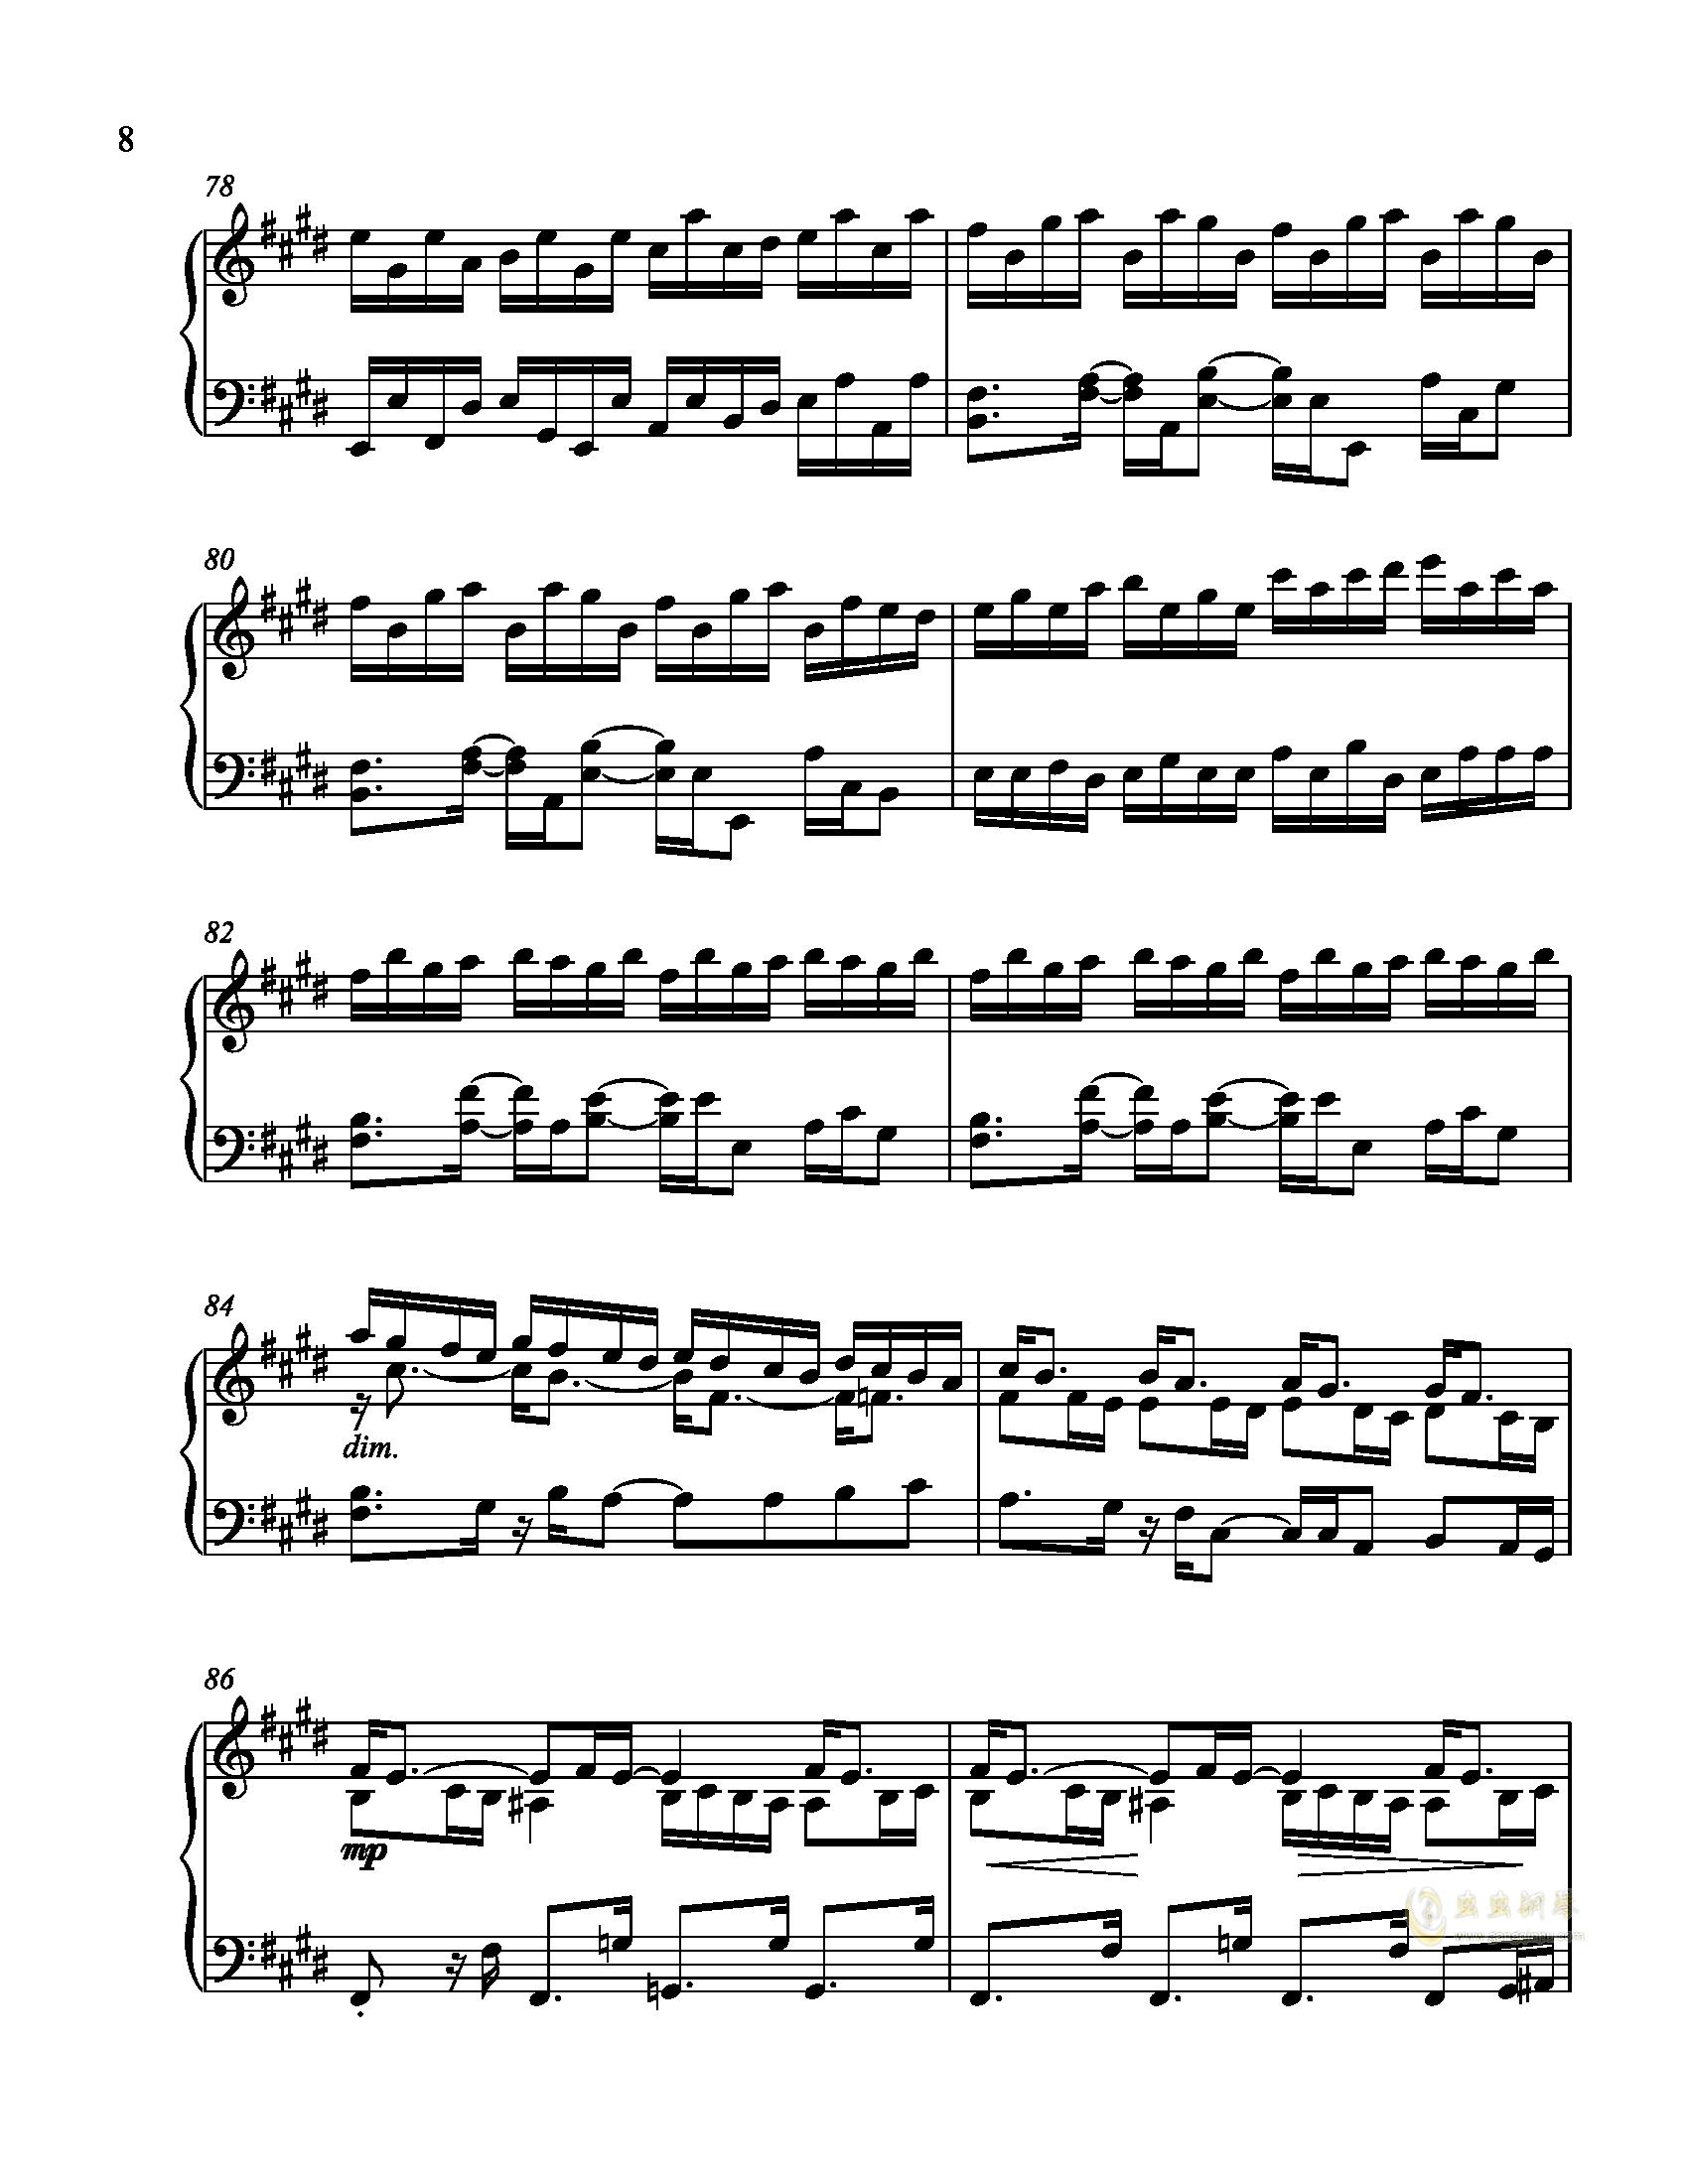 辛普森B大调练习曲钢琴谱 第8页